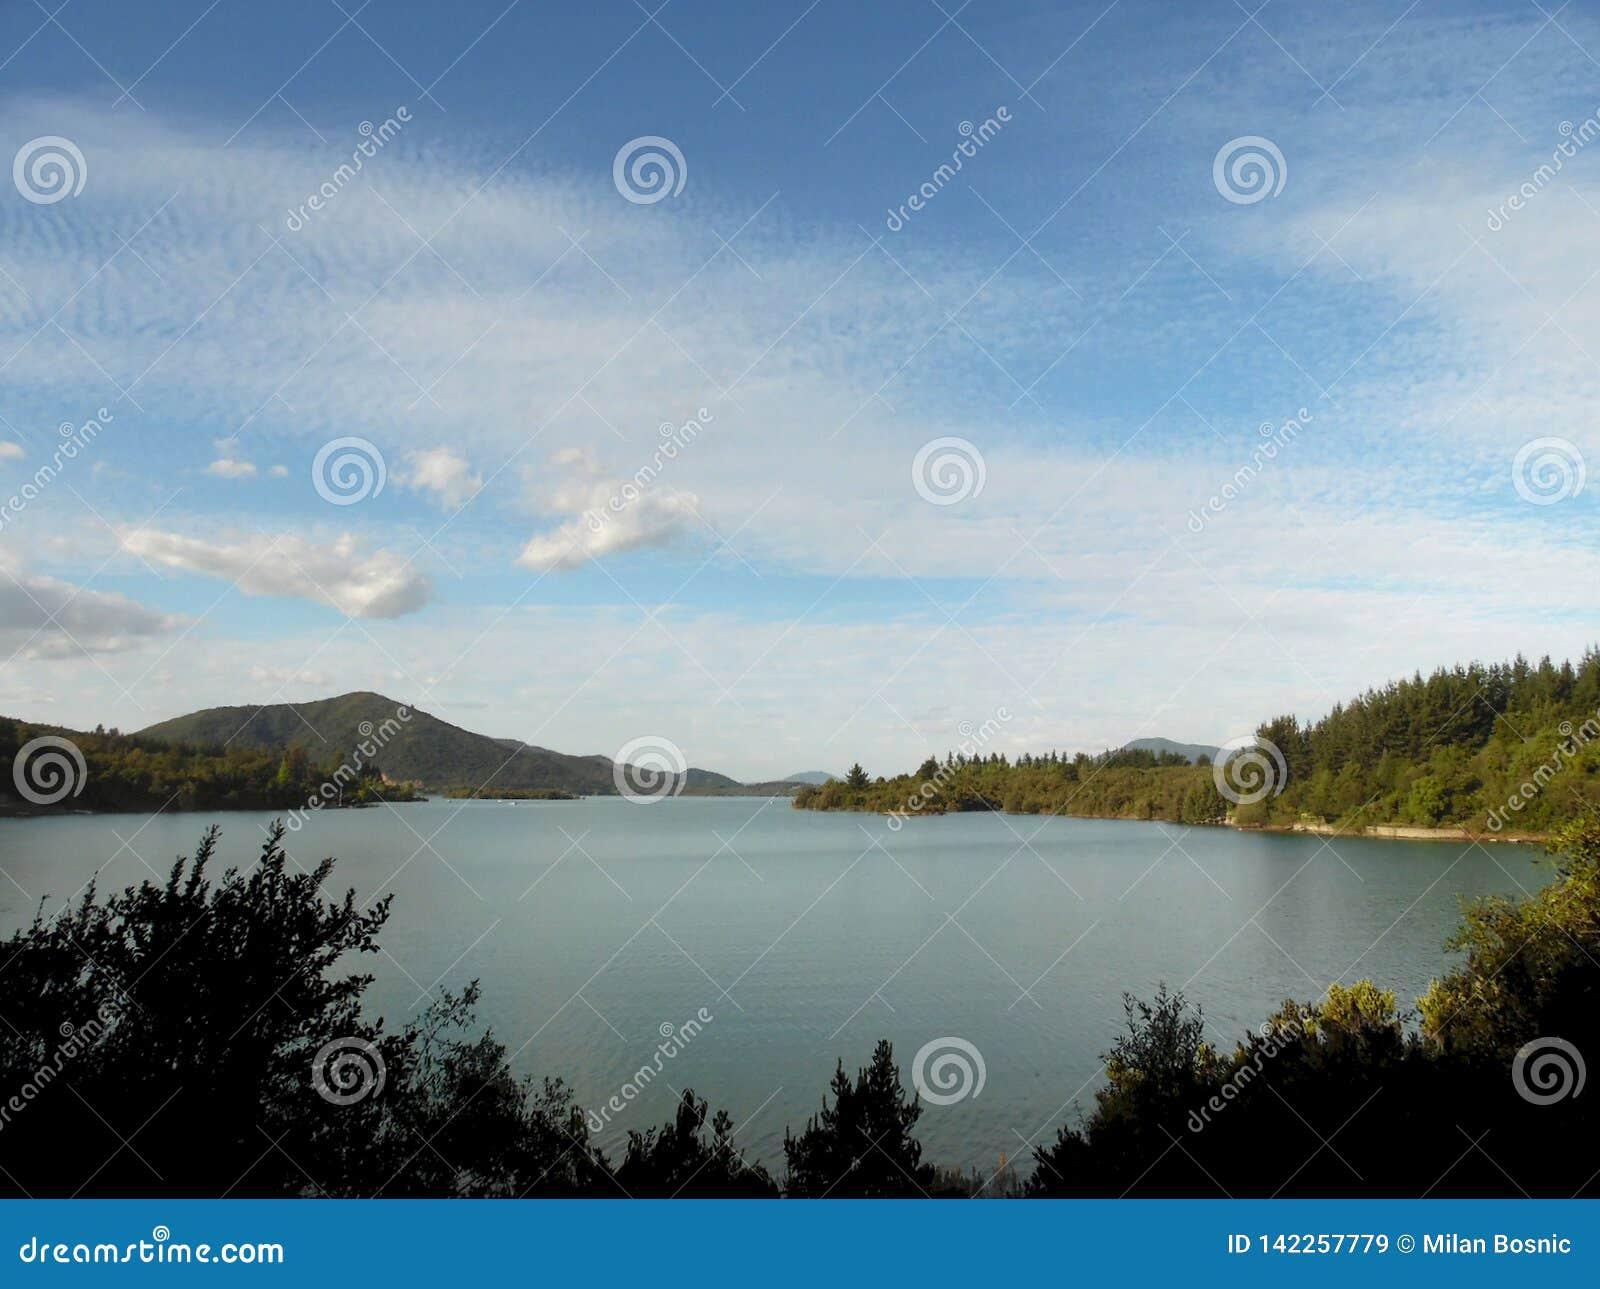 Cenário bonito de um lago no sul do território chileno